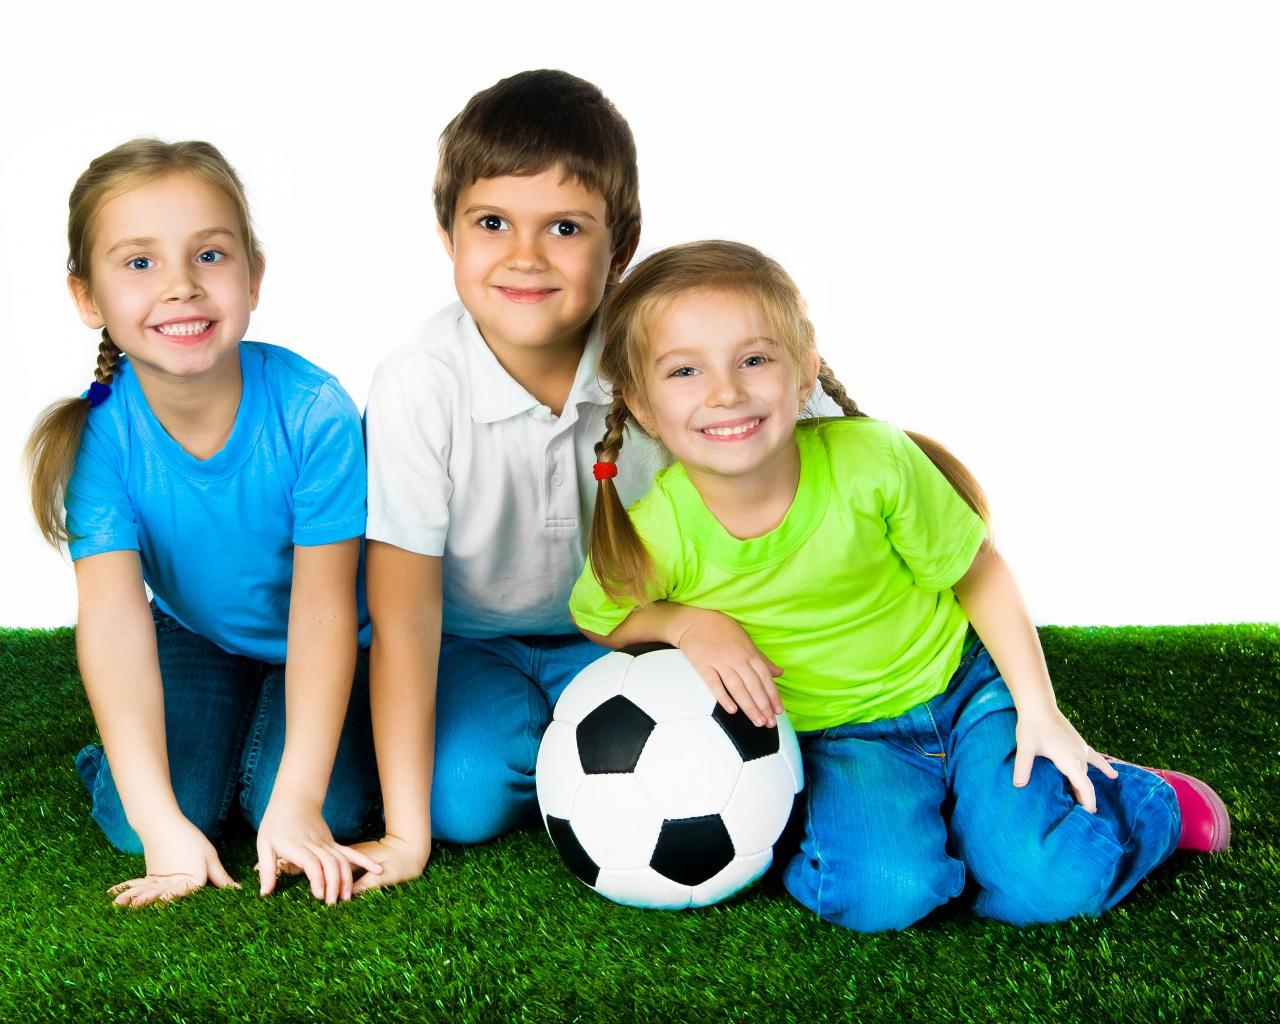 children_ball_football_grass_80189_1280x1024